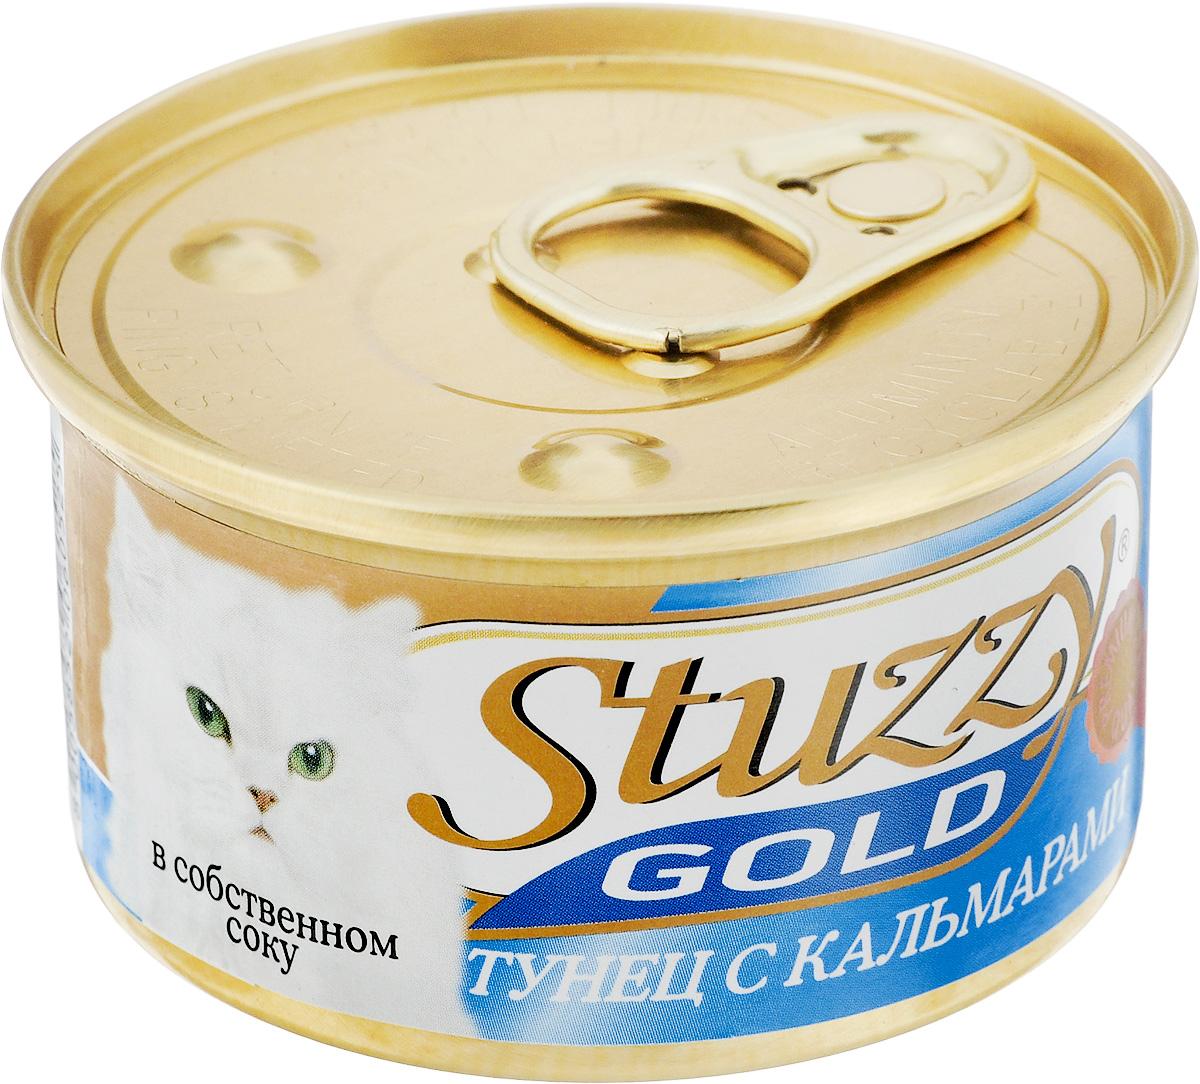 Консервы для взрослых кошек Stuzzy Gold, тунец с кальмарами в собственном соку, 85 г132.C400Консервы для кошек Stuzzy Gold - это дополнительный рацион для взрослых кошек. Корм обогащен таурином и витамином Е для поддержания правильной работы сердца и иммунной системы. Инулин обеспечивает всасывание питательных веществ, а биотин способствуют великолепному внешнему виду кожи и шерсти. Корм приготовлен на пару, не содержит красителей и консервантов. Состав: субпродукты морепродуктов: тунец 59,4%, кальмары 4,7%, креветки 2,4%, рис 1,5%. Питательная ценность: белок 14%, жир 2%, клетчатка 0,2%, зола 2,5%, влажность 79,2%. Питательные добавки (на кг): витамин А 1325 МЕ, витамин D3 110 МЕ, витамин Е 15 мг, таурин 160 мг. Товар сертифицирован.